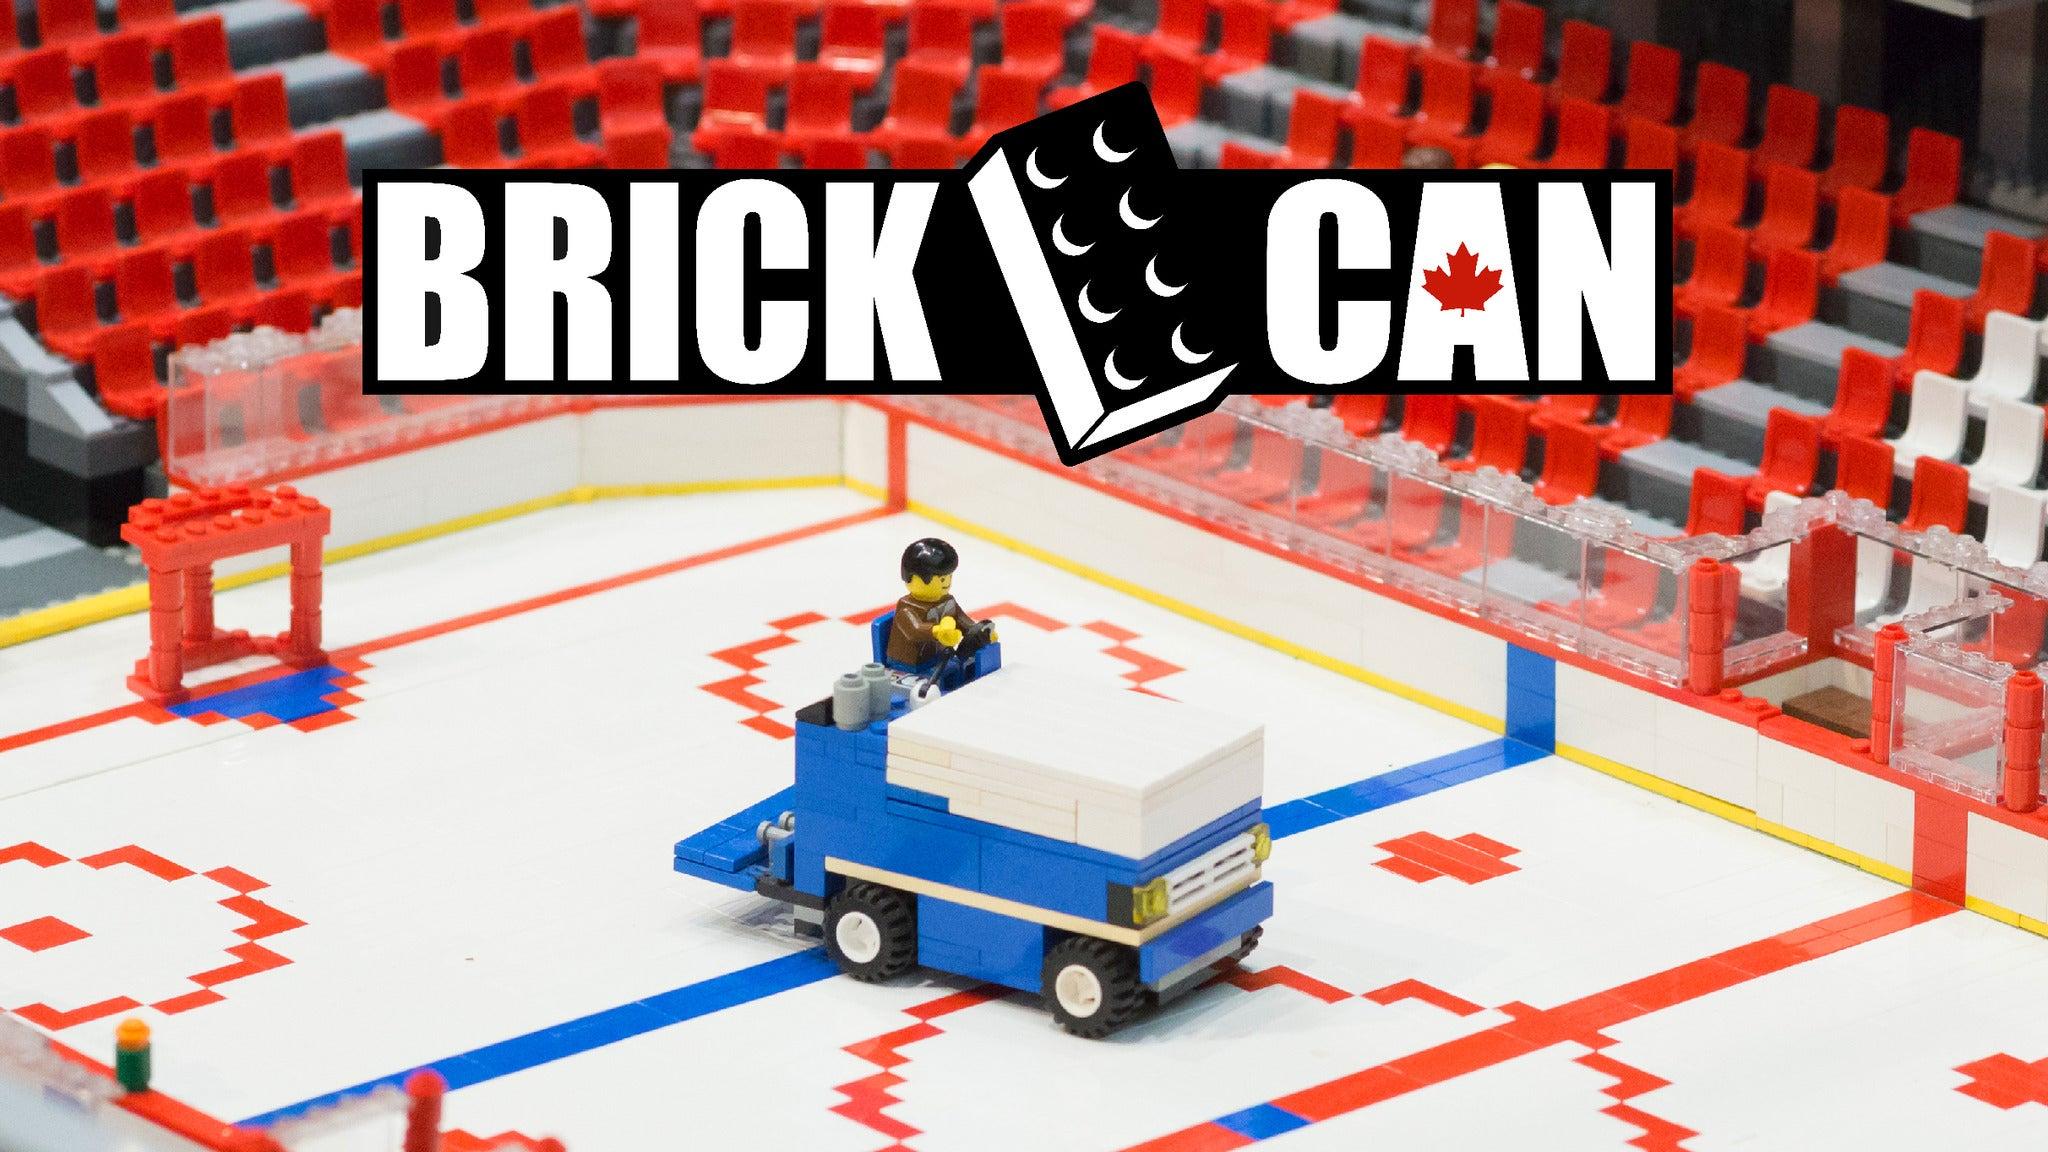 BrickCan LEGO Exhibit